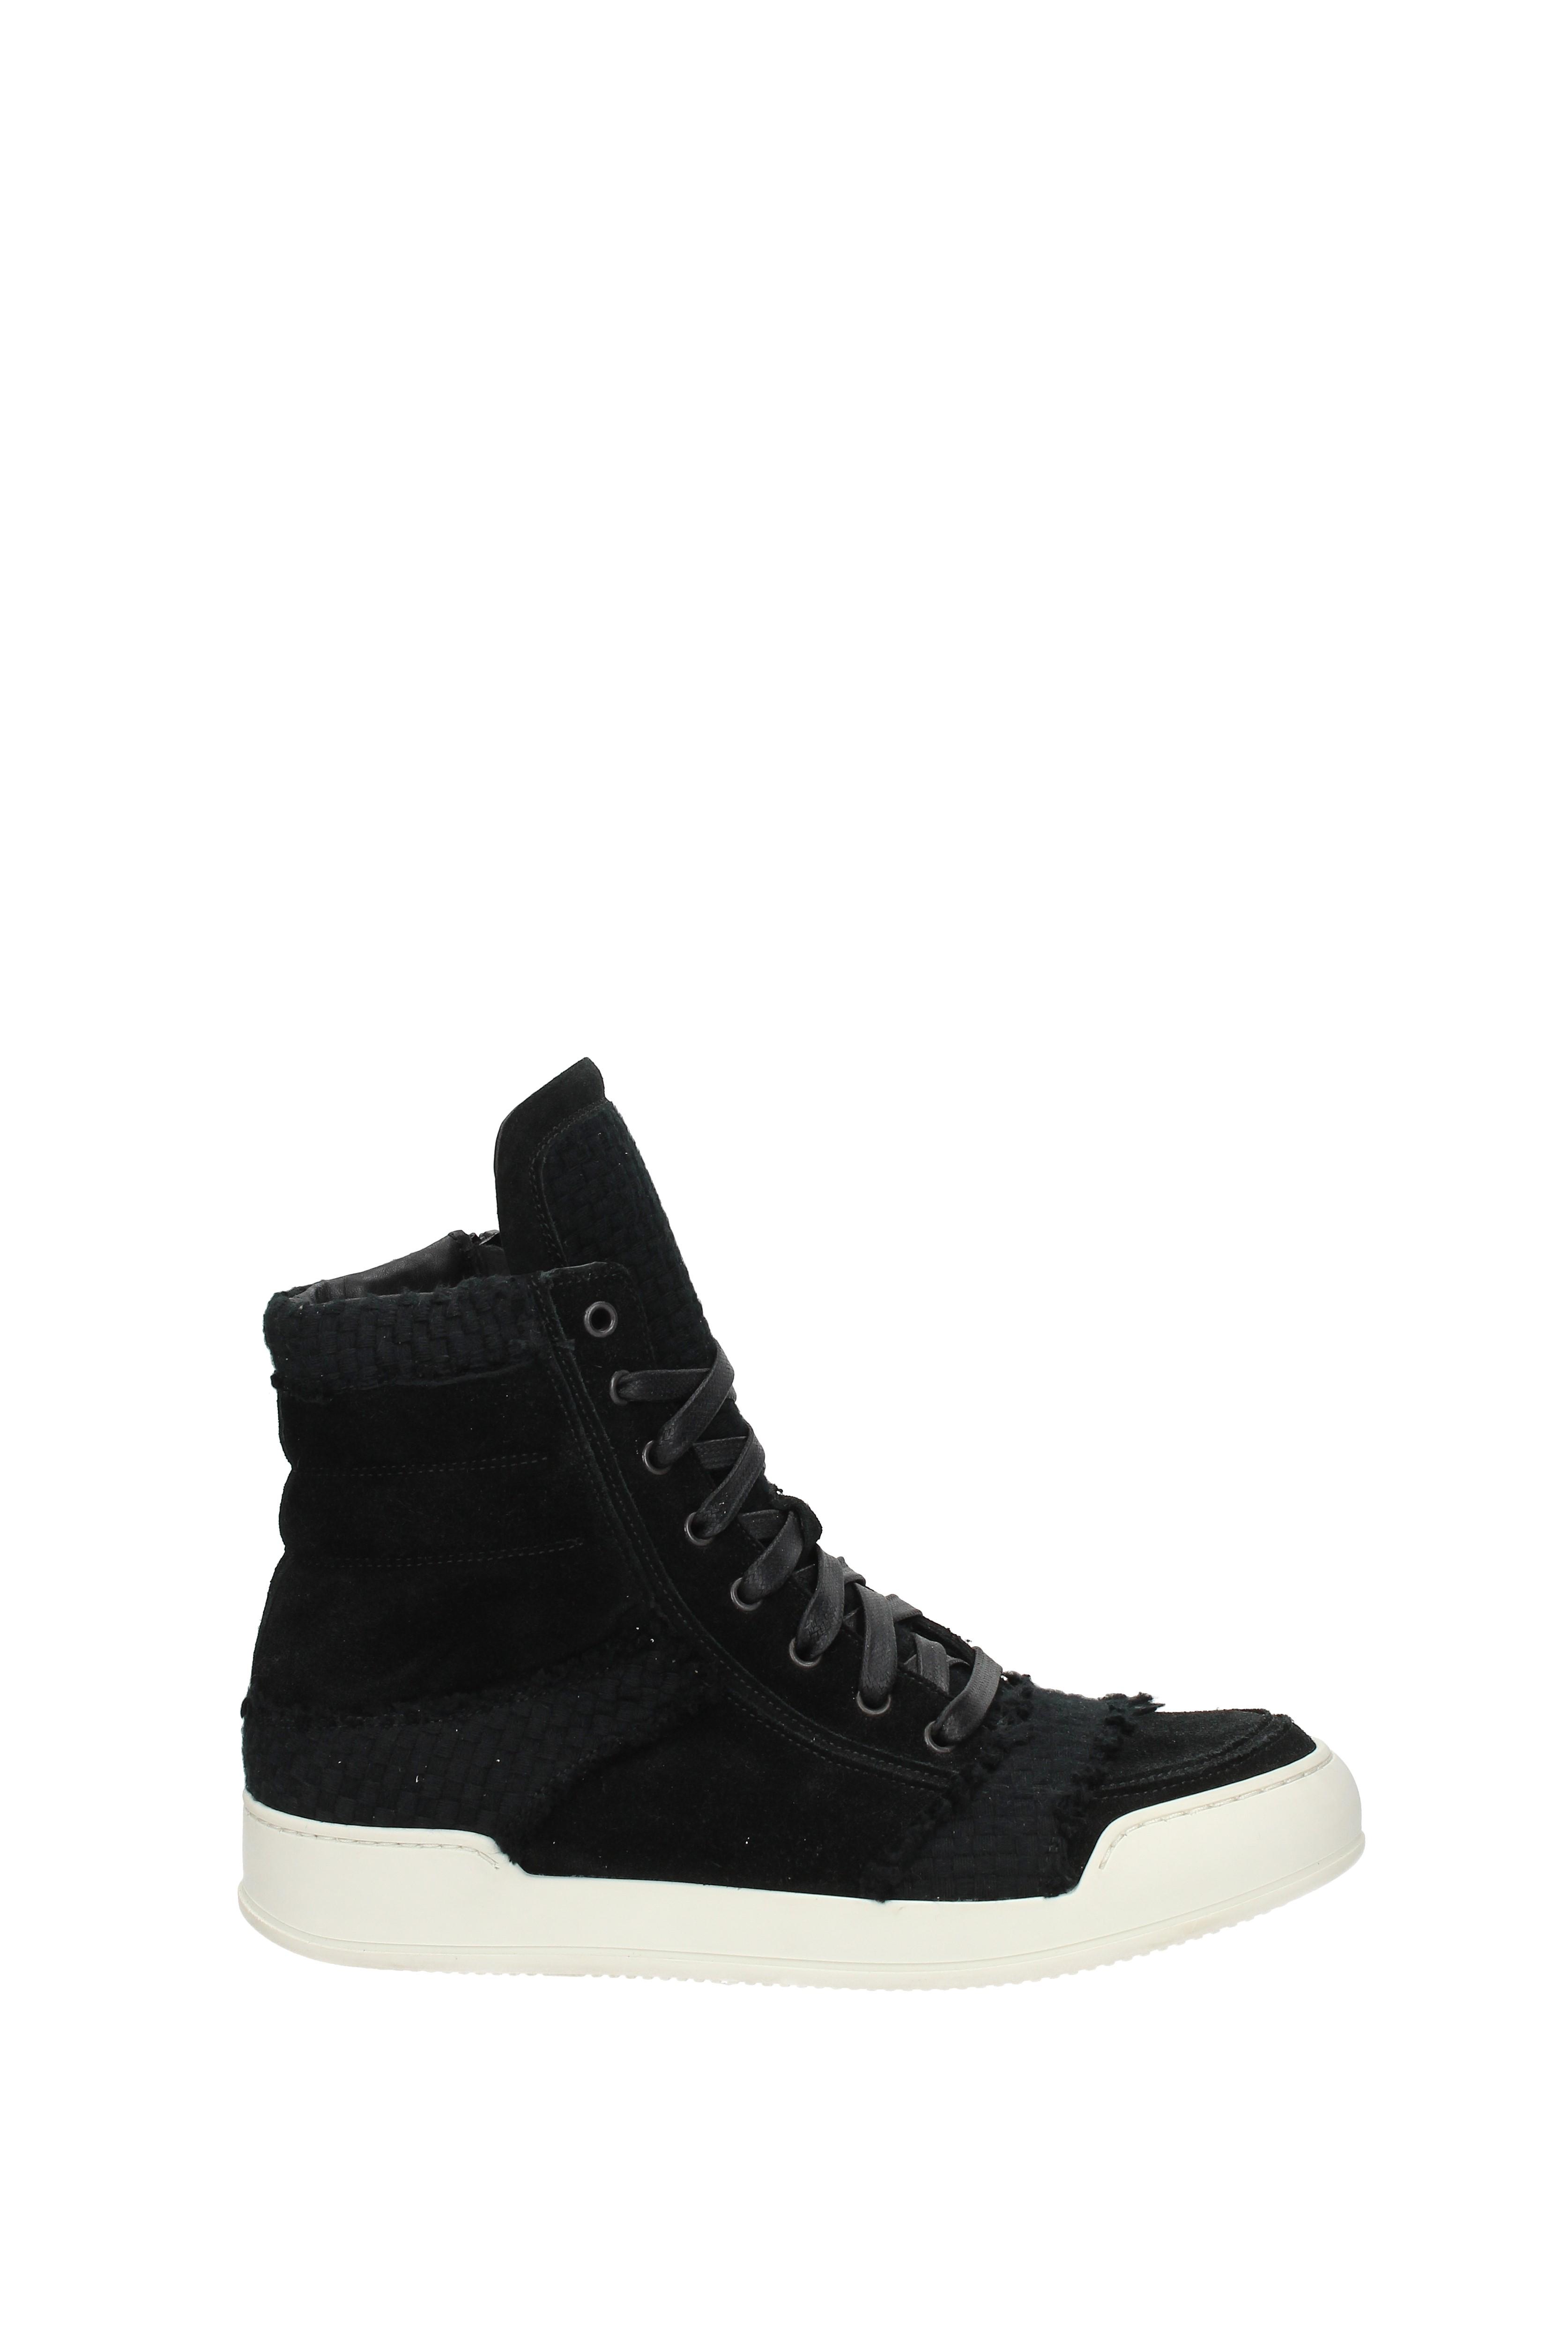 size 40 1e76a 49ef2 ... Authentic 2009 Nike Air Jordan 12 Flu Game Suede OG OG OG Red Black Size  10.5 ...